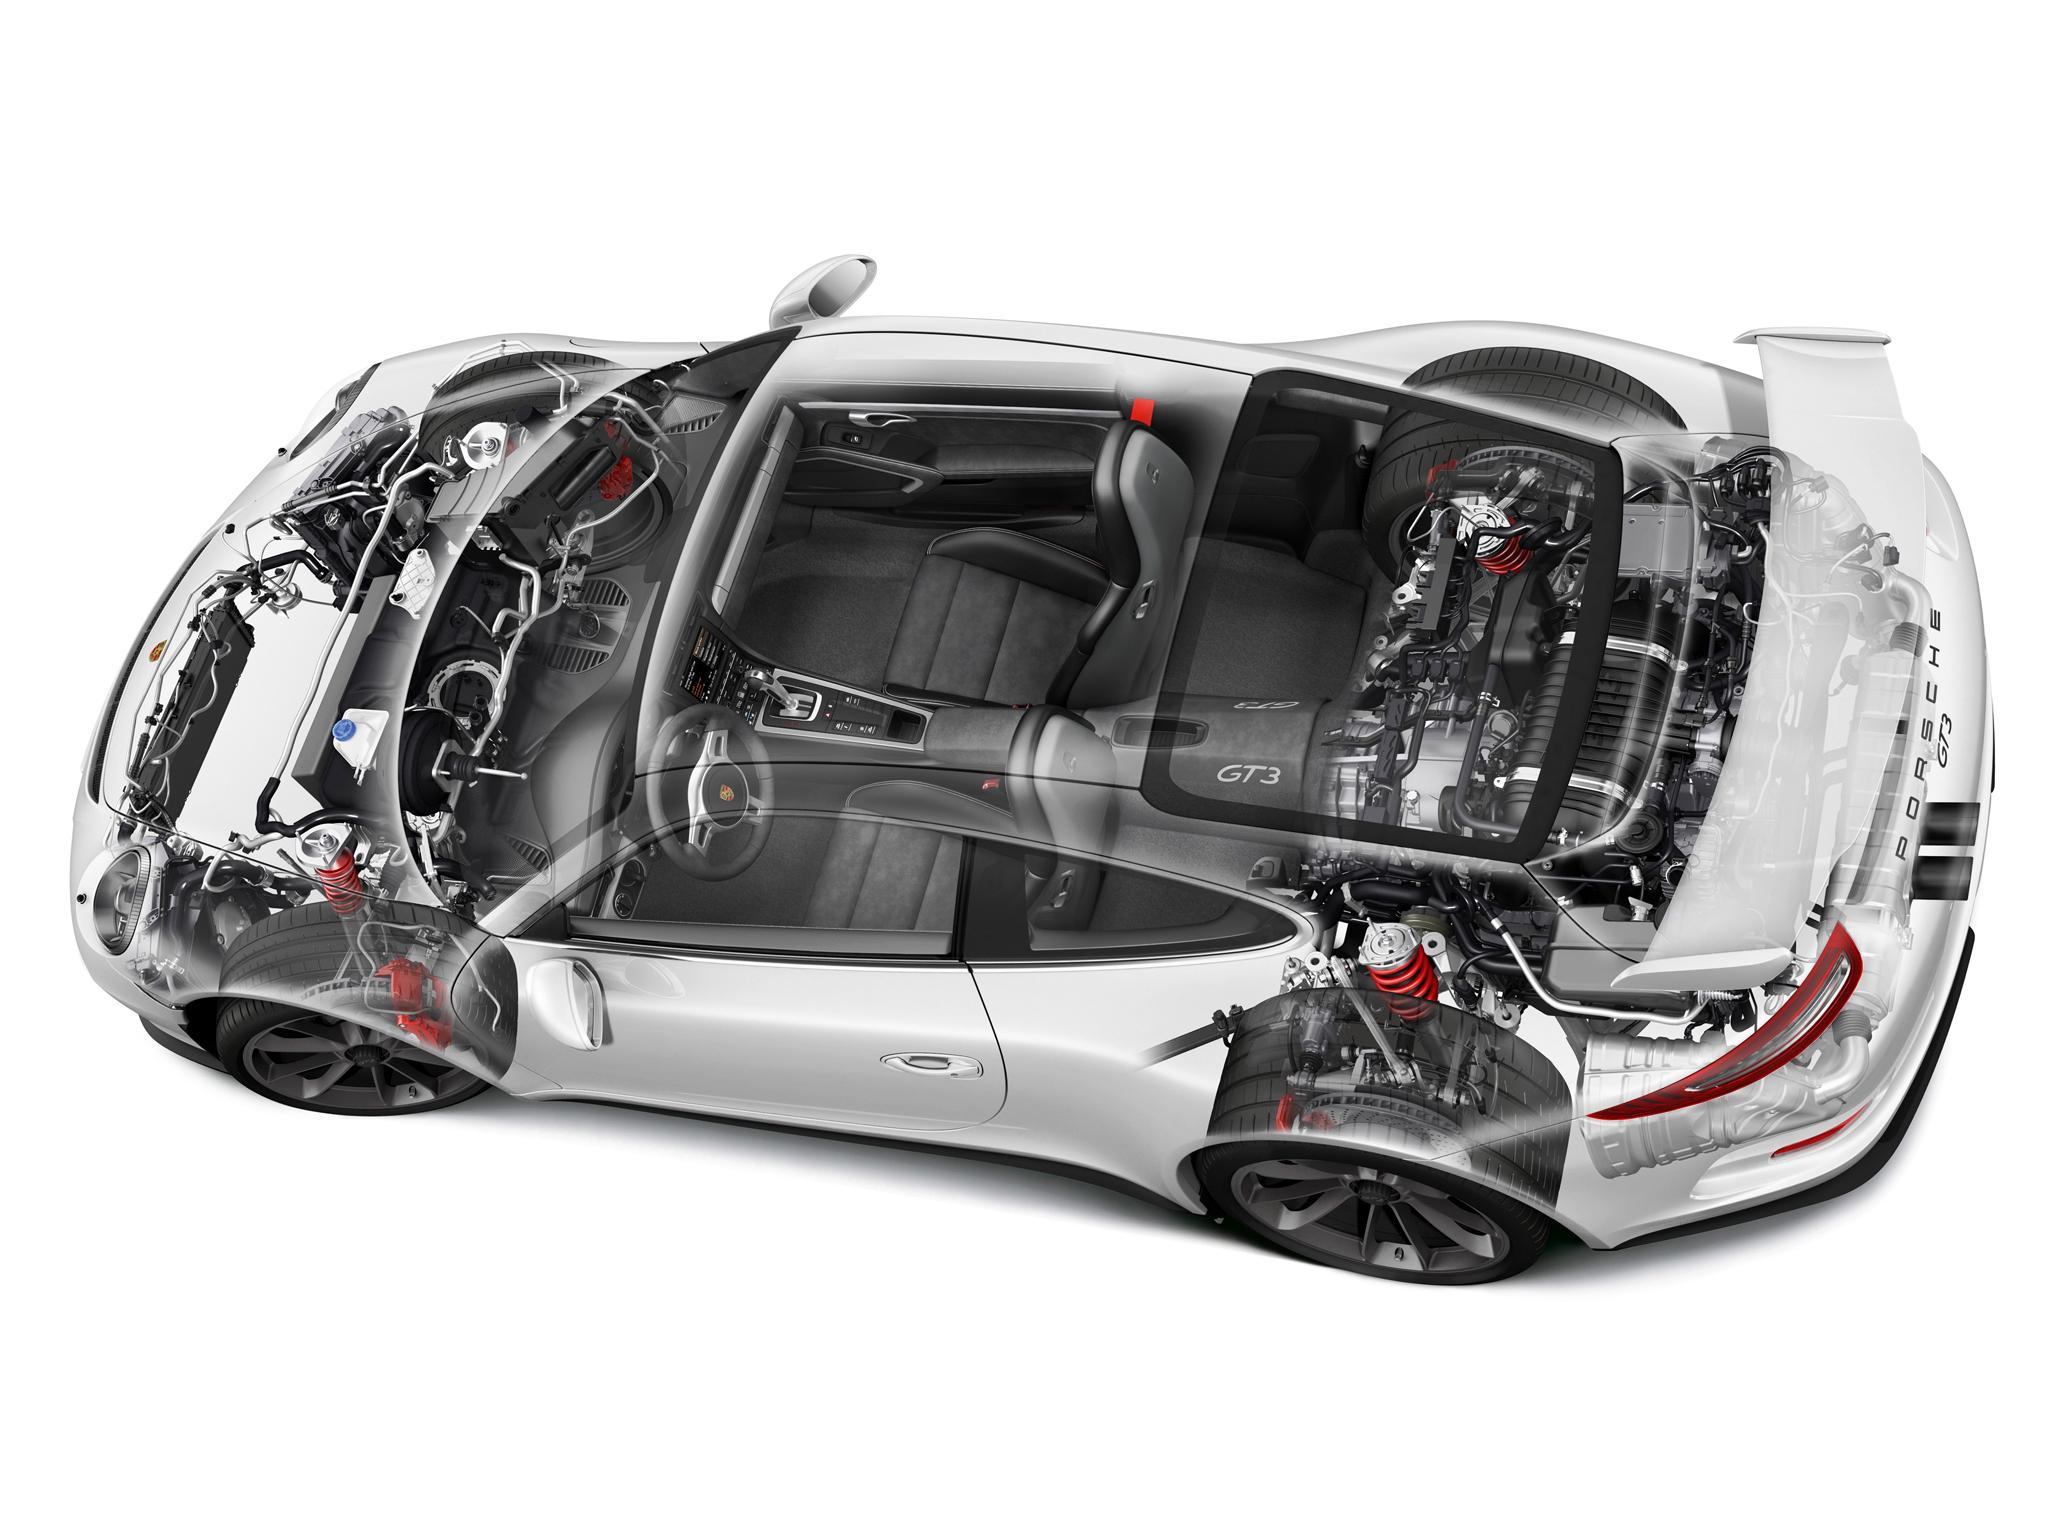 2014 porsche 911 gt3 991 supercar interior engine d wallpaper 2048x1536 230914 wallpaperup